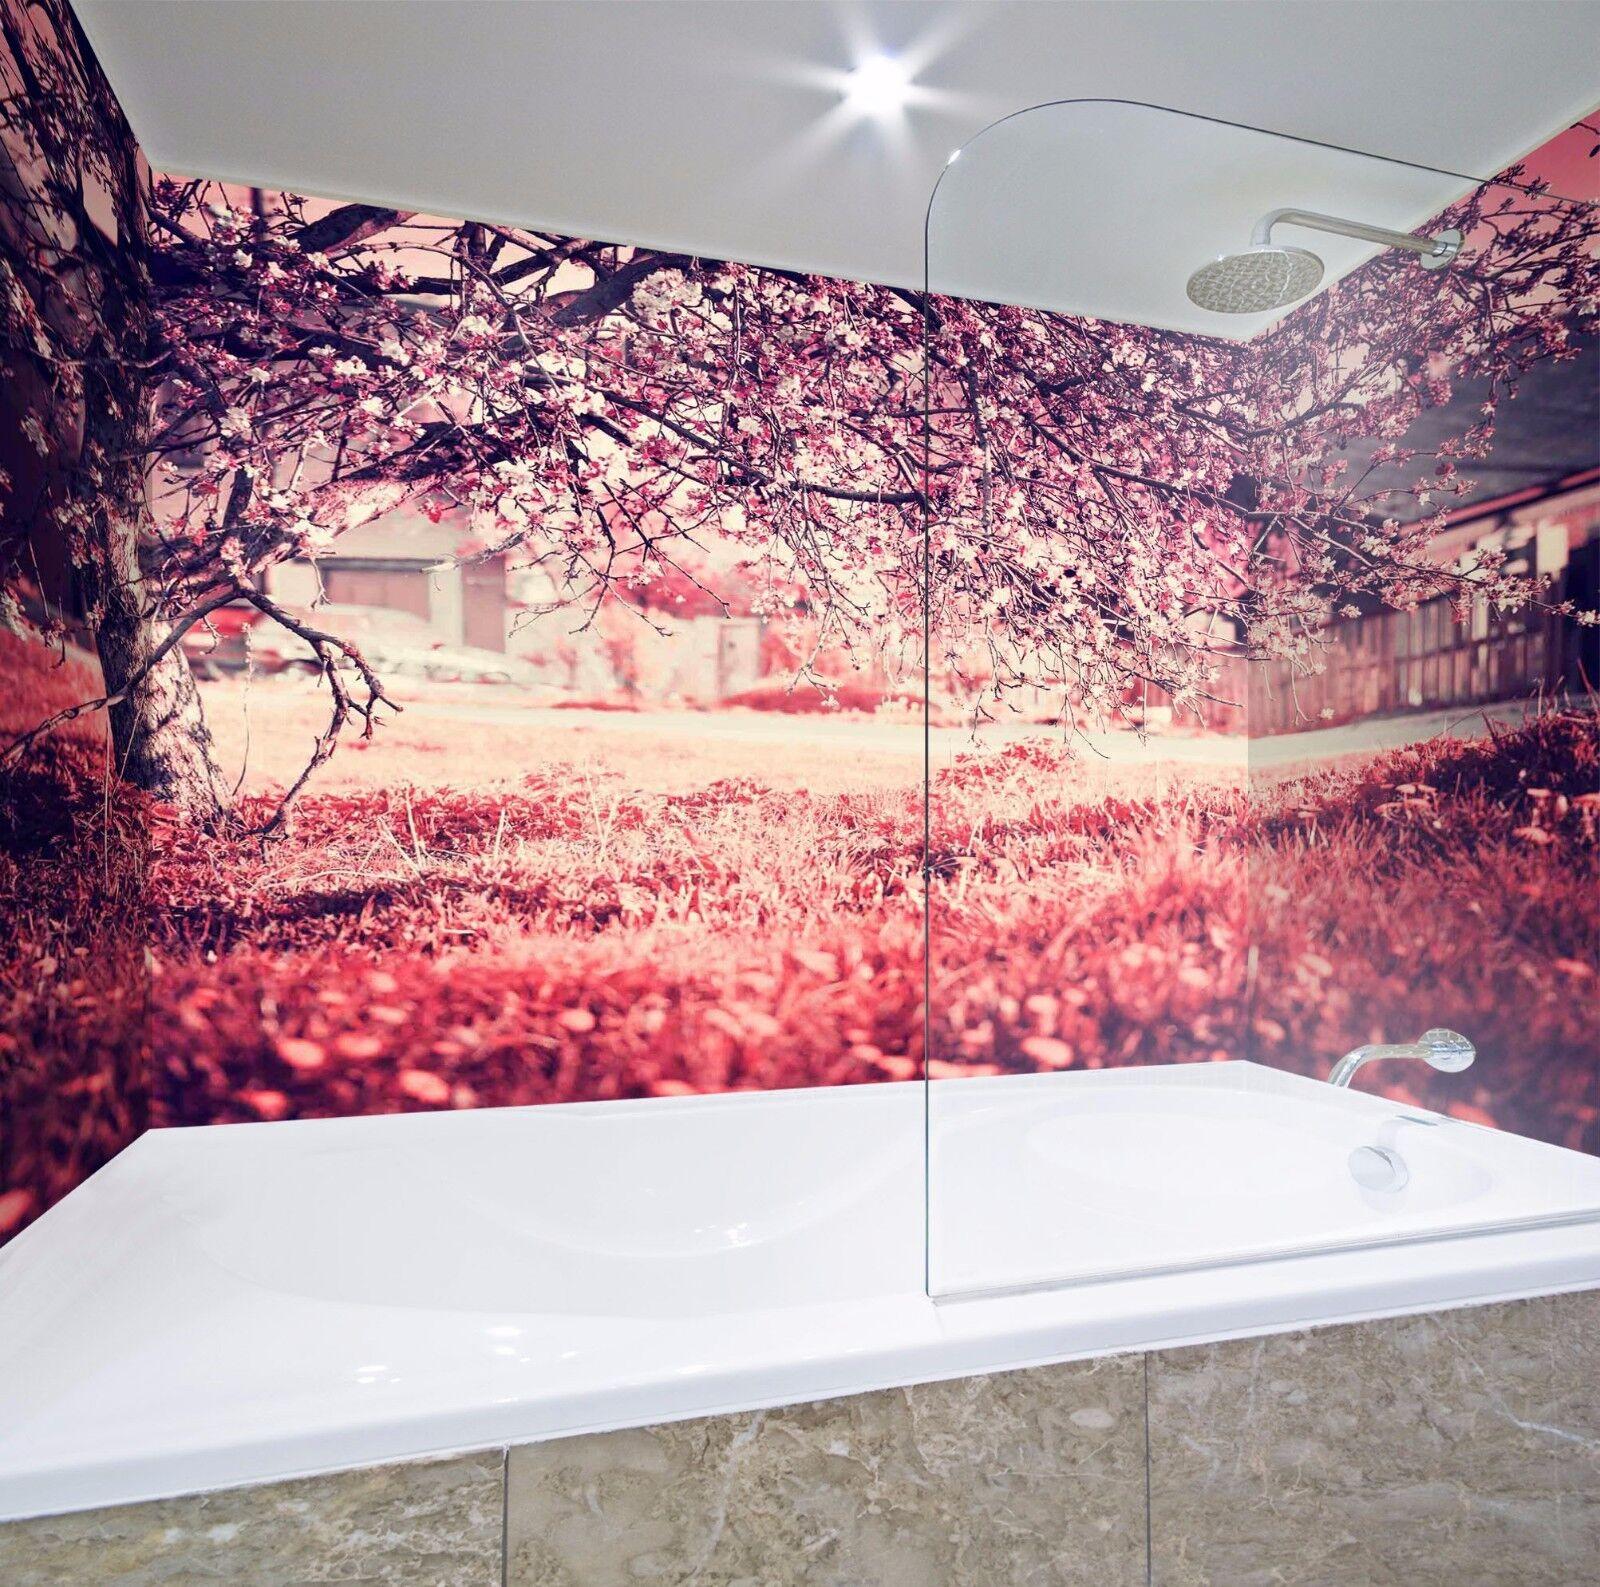 3D Autumn tree 634 WallPaper Bathroom Print Decal Wall Deco AJ WALLPAPER UK